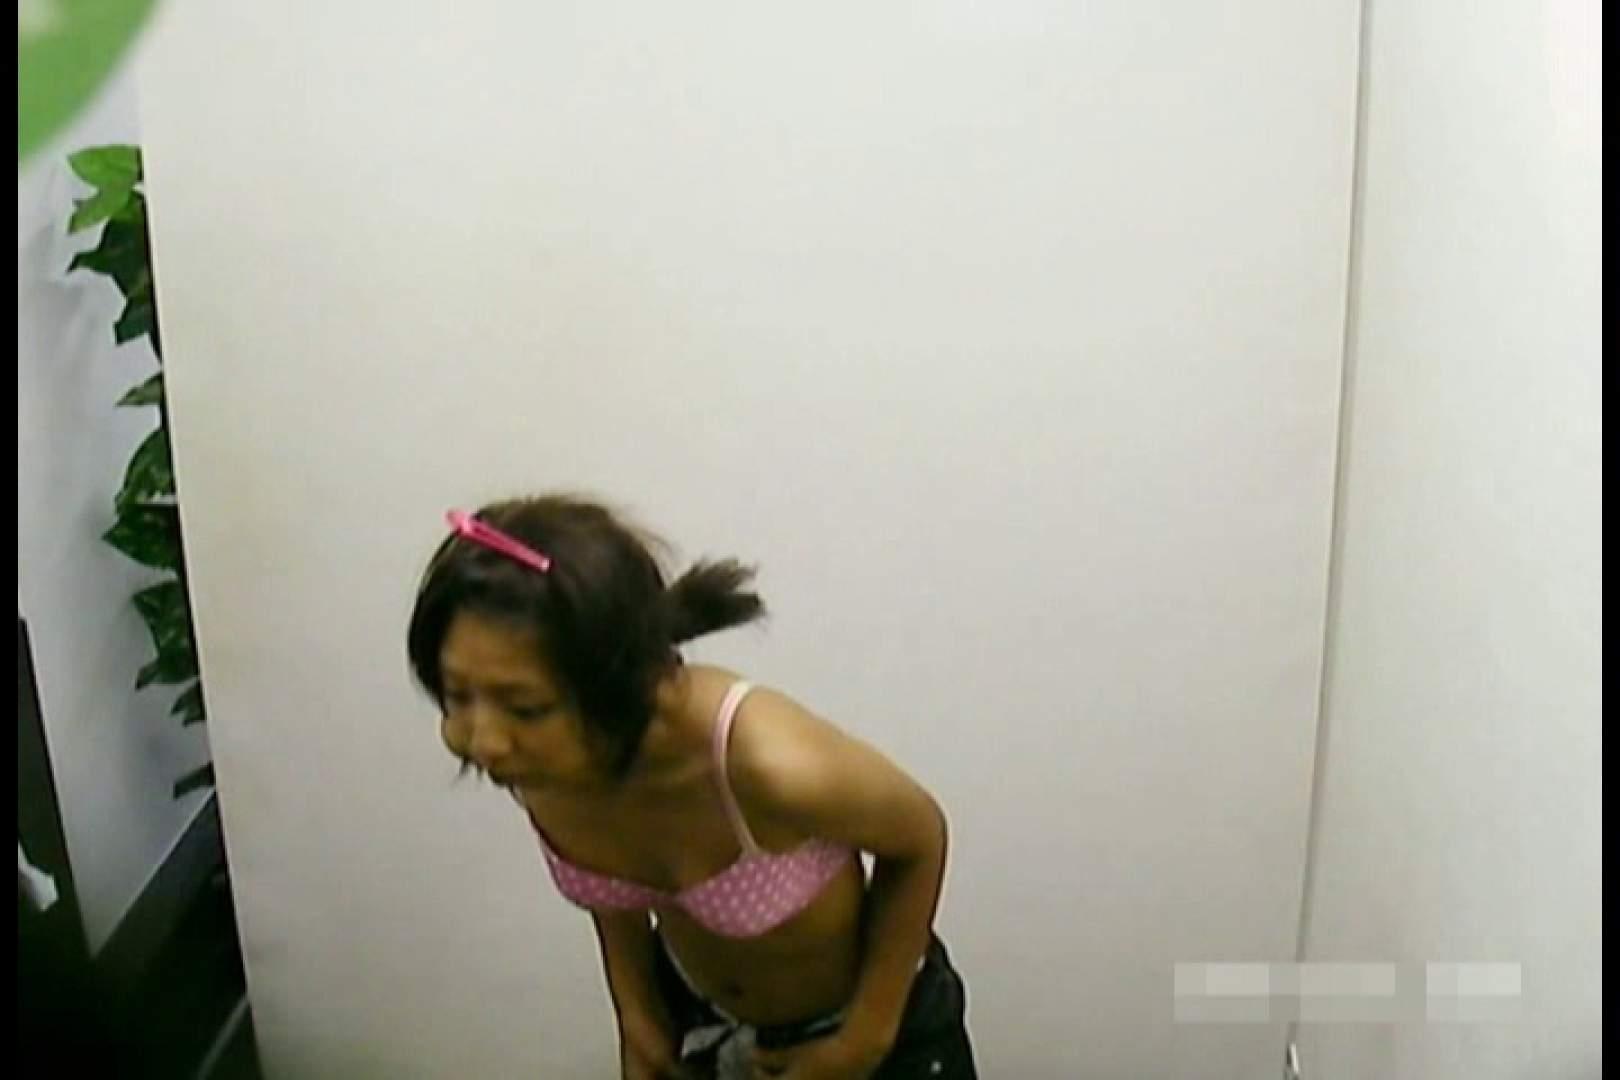 素人撮影 下着だけの撮影のはずが・・・エミちゃん18歳 丸見え えろ無修正画像 105連発 15